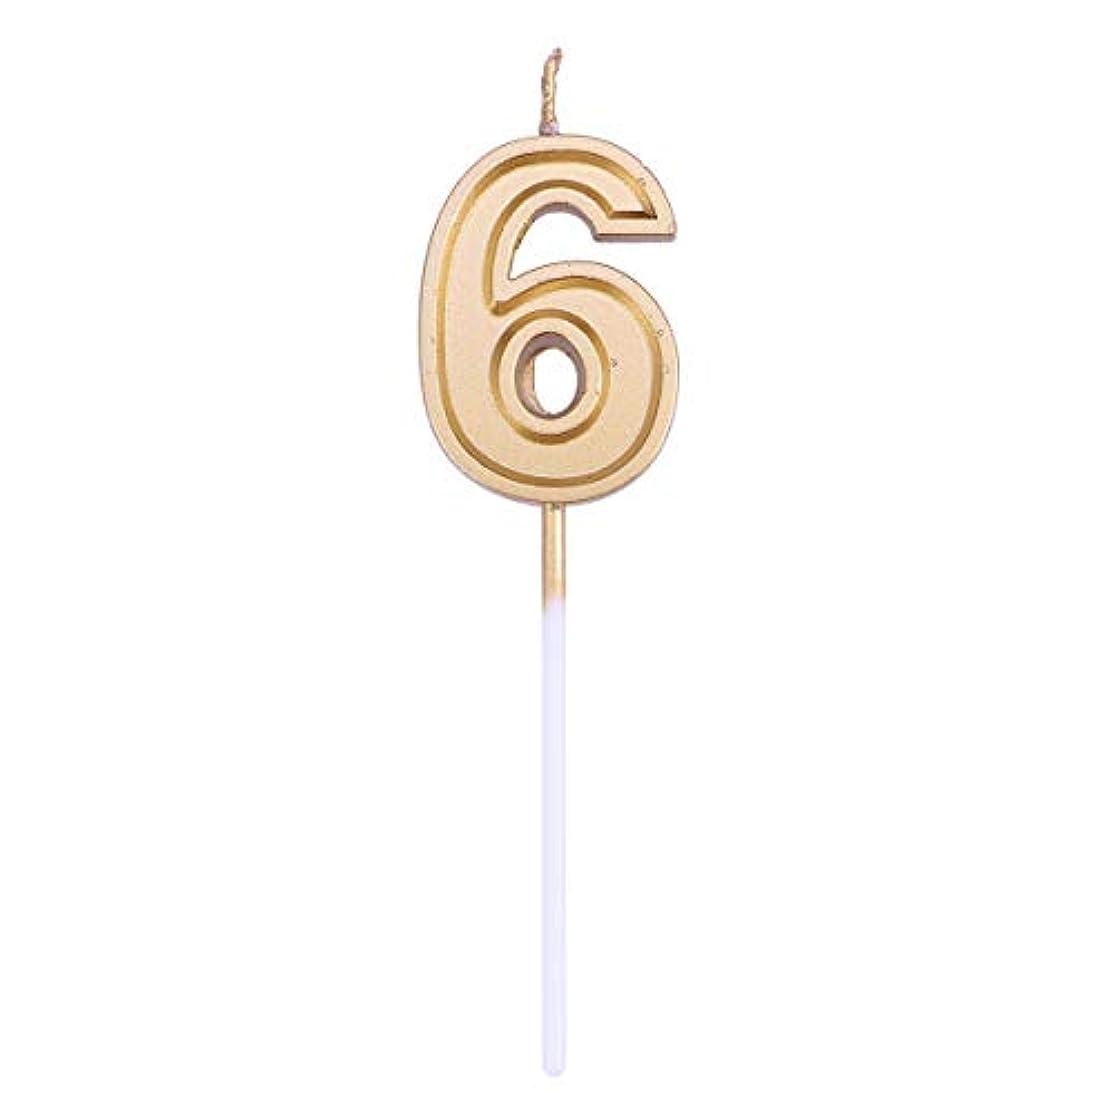 検索エンジン最適化無し切り下げToyvian ゴールドラメ誕生日おめでとう数字キャンドル番号キャンドルケーキトッパー装飾用大人キッズパーティー(番号6)